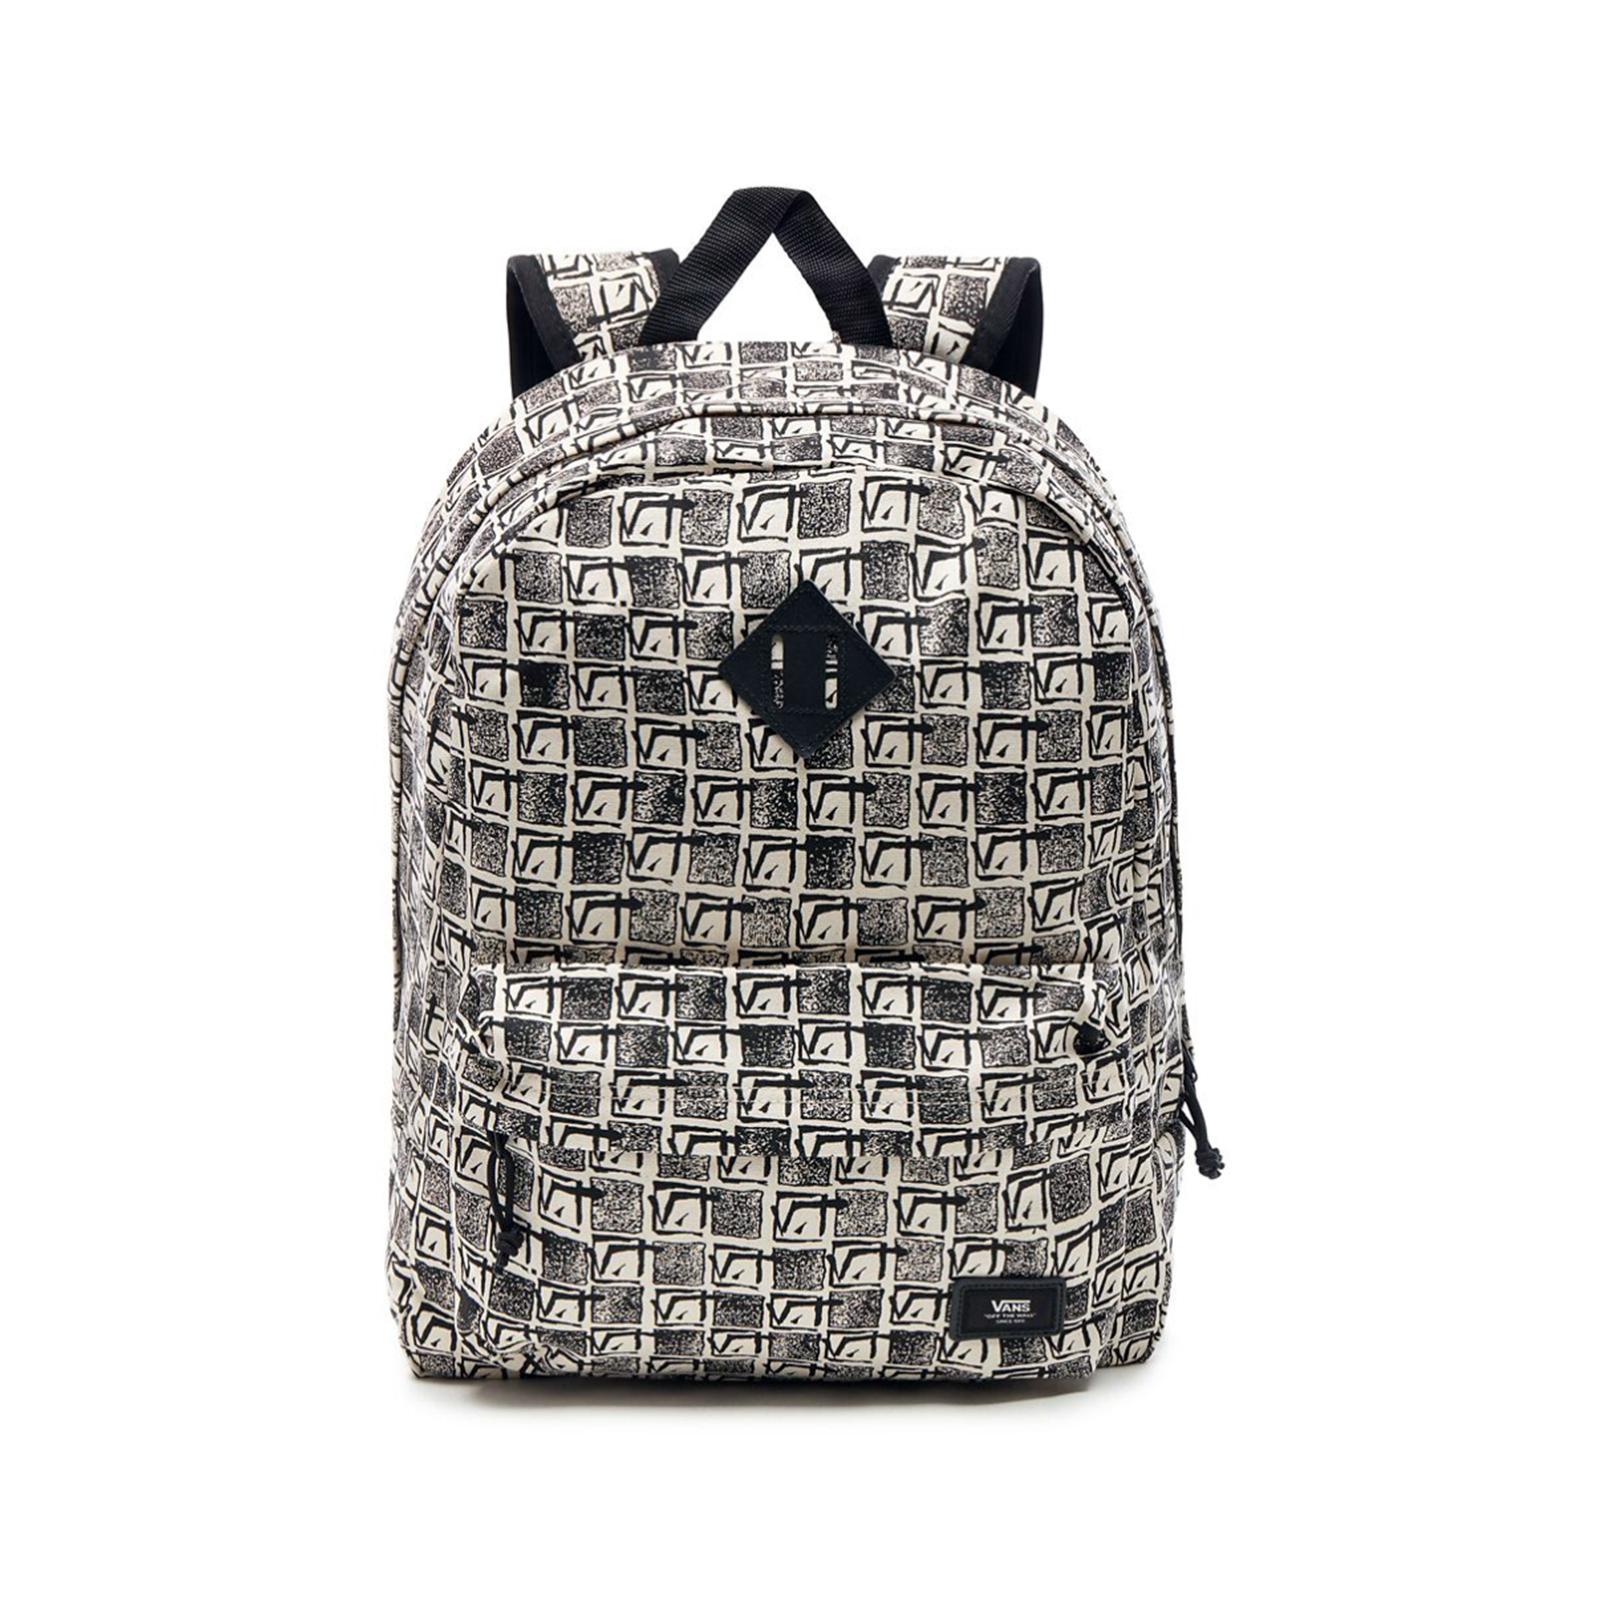 VANS Peanuts Old Skool II Backpack € 45 Backpacks | Graffitishop